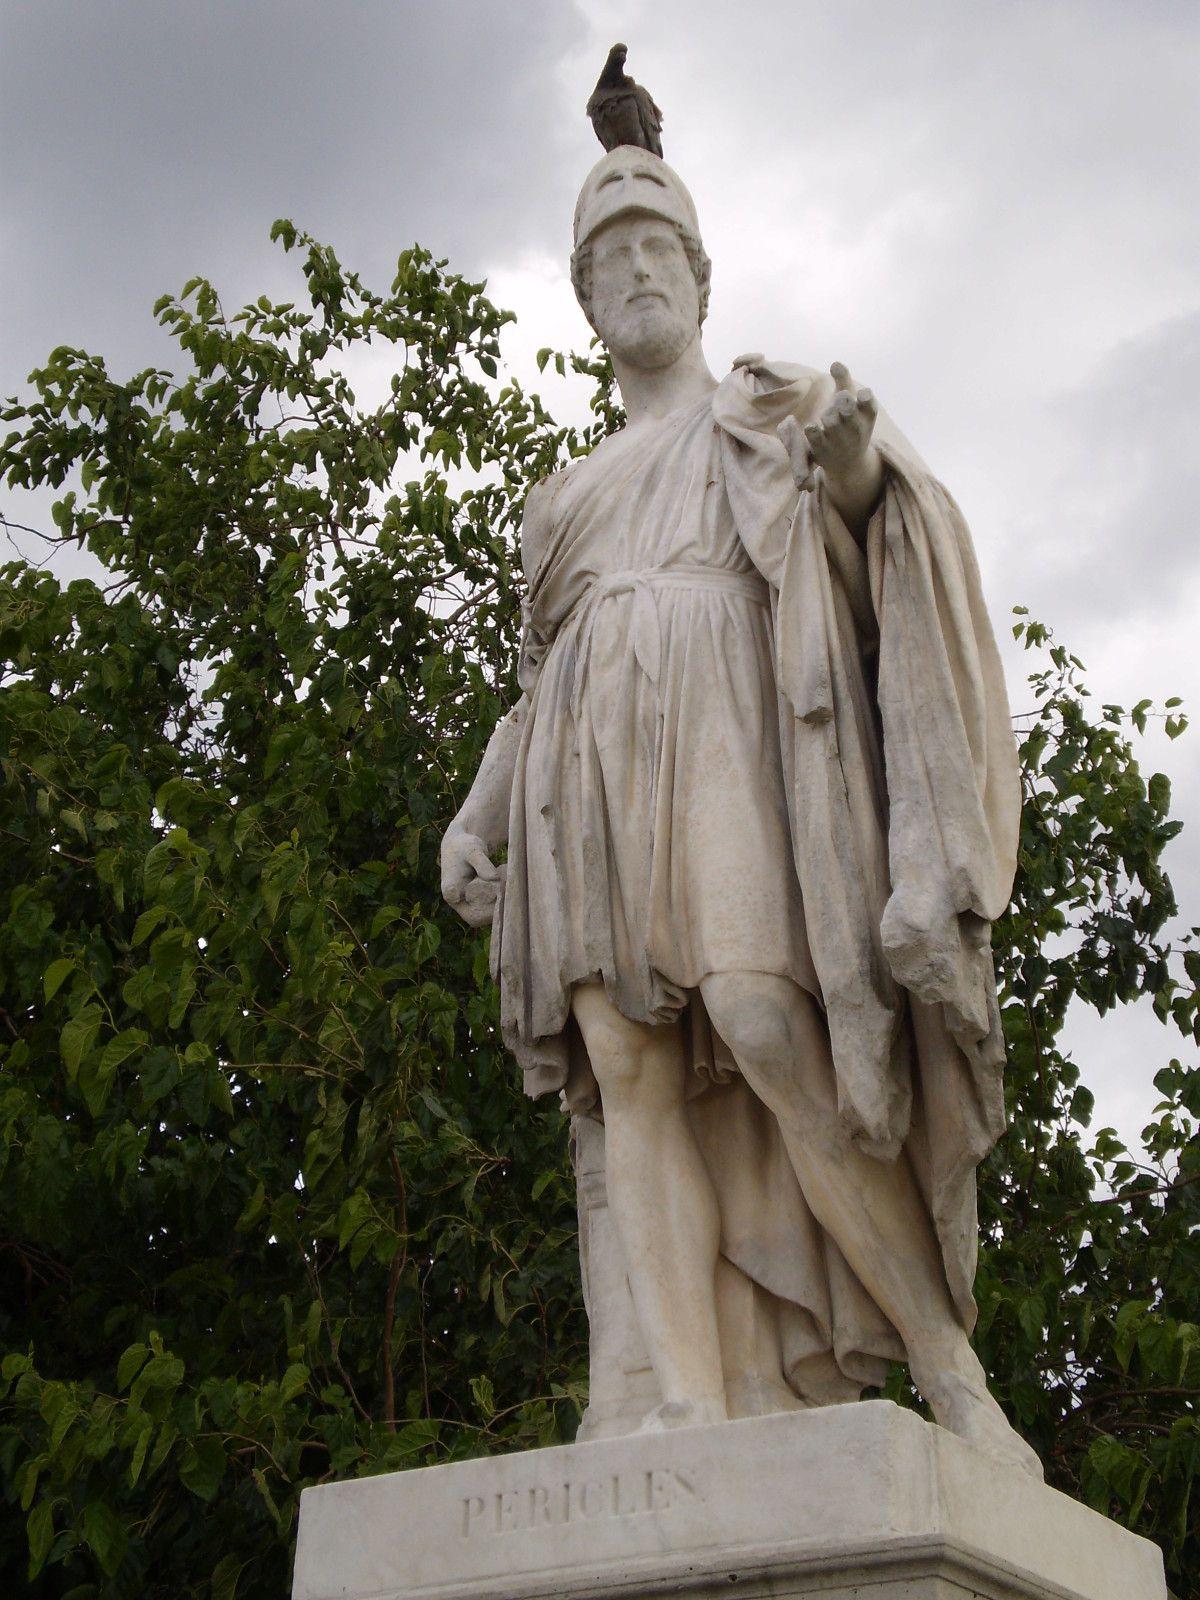 Le blog de anne chabanelle - Statues jardin des tuileries ...